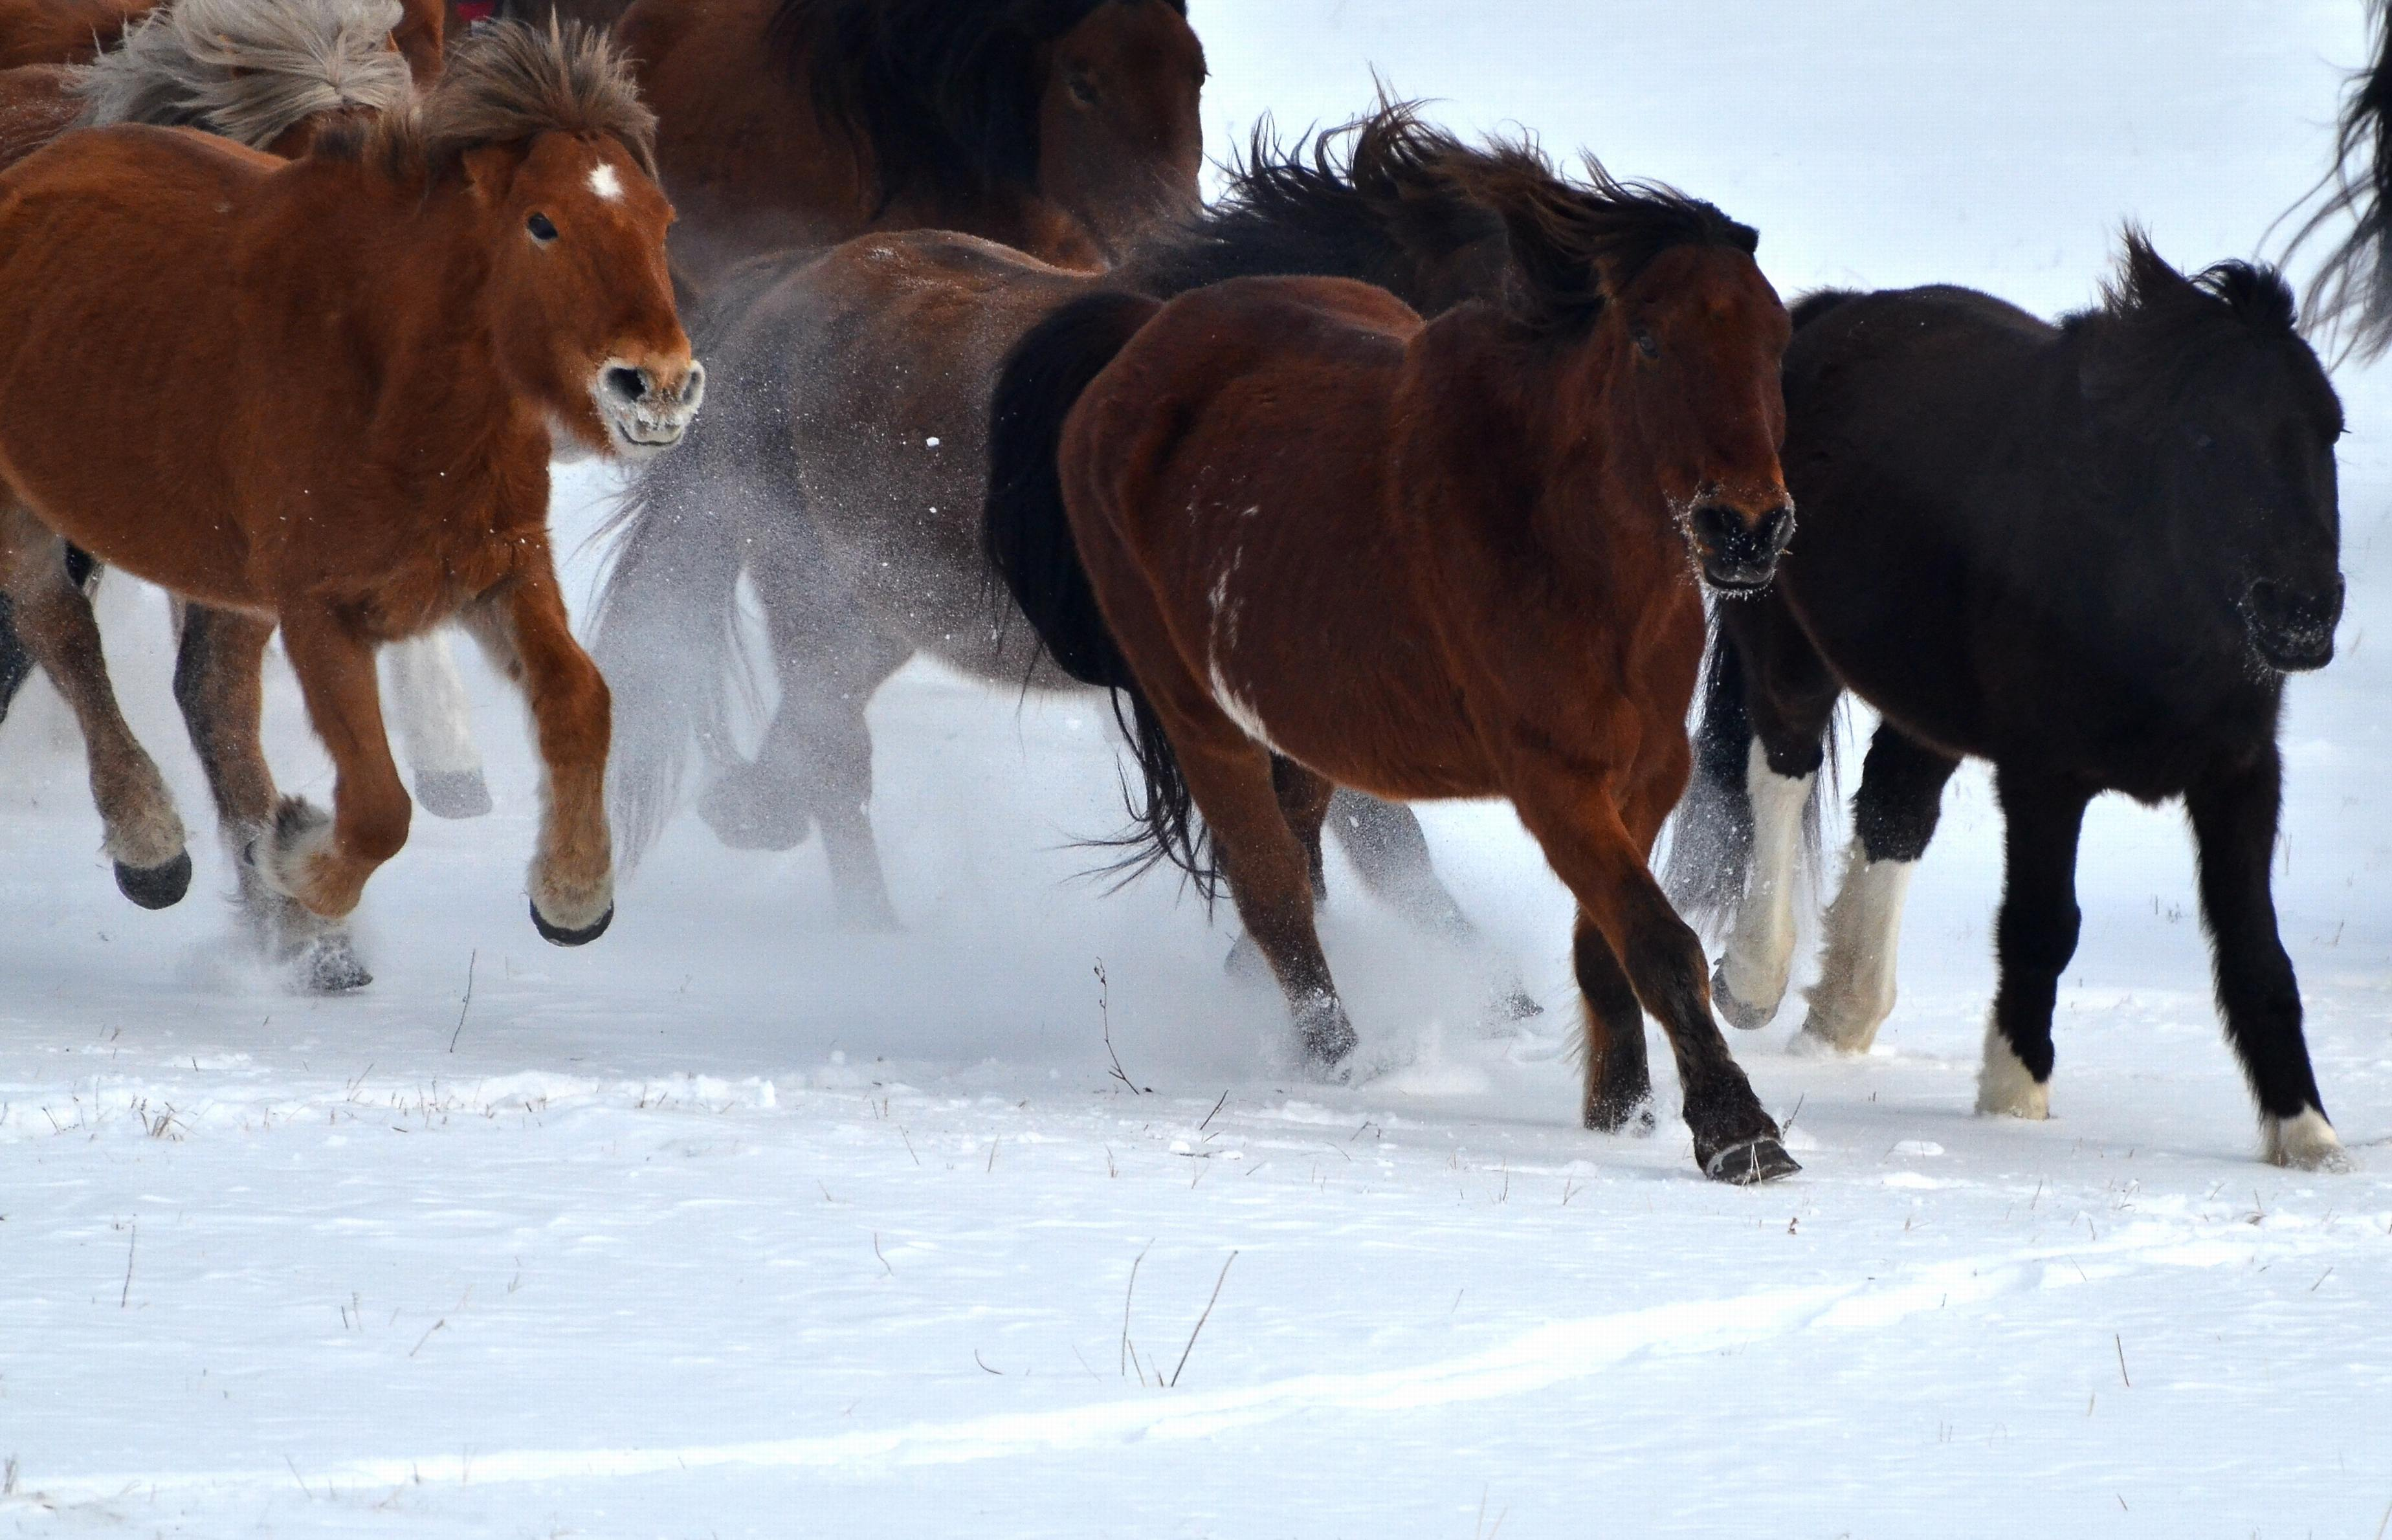 冬天树林骑马图片素材